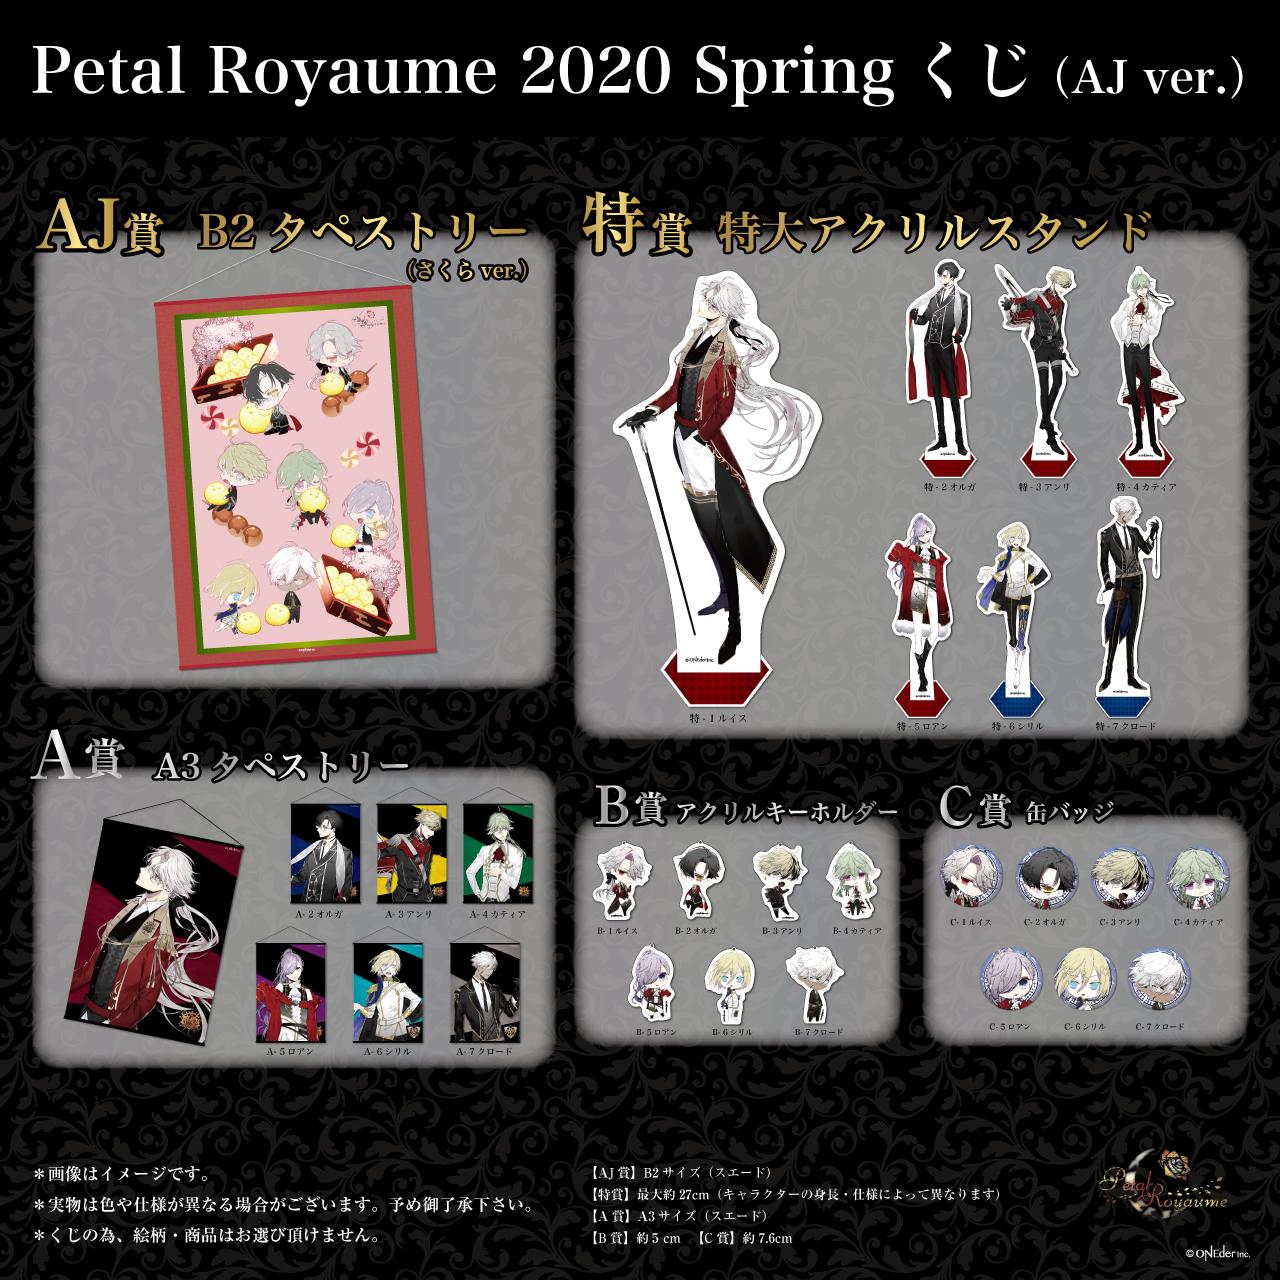 (バラ)Petal Royaume 2020 Spring くじ(AJ ver.)